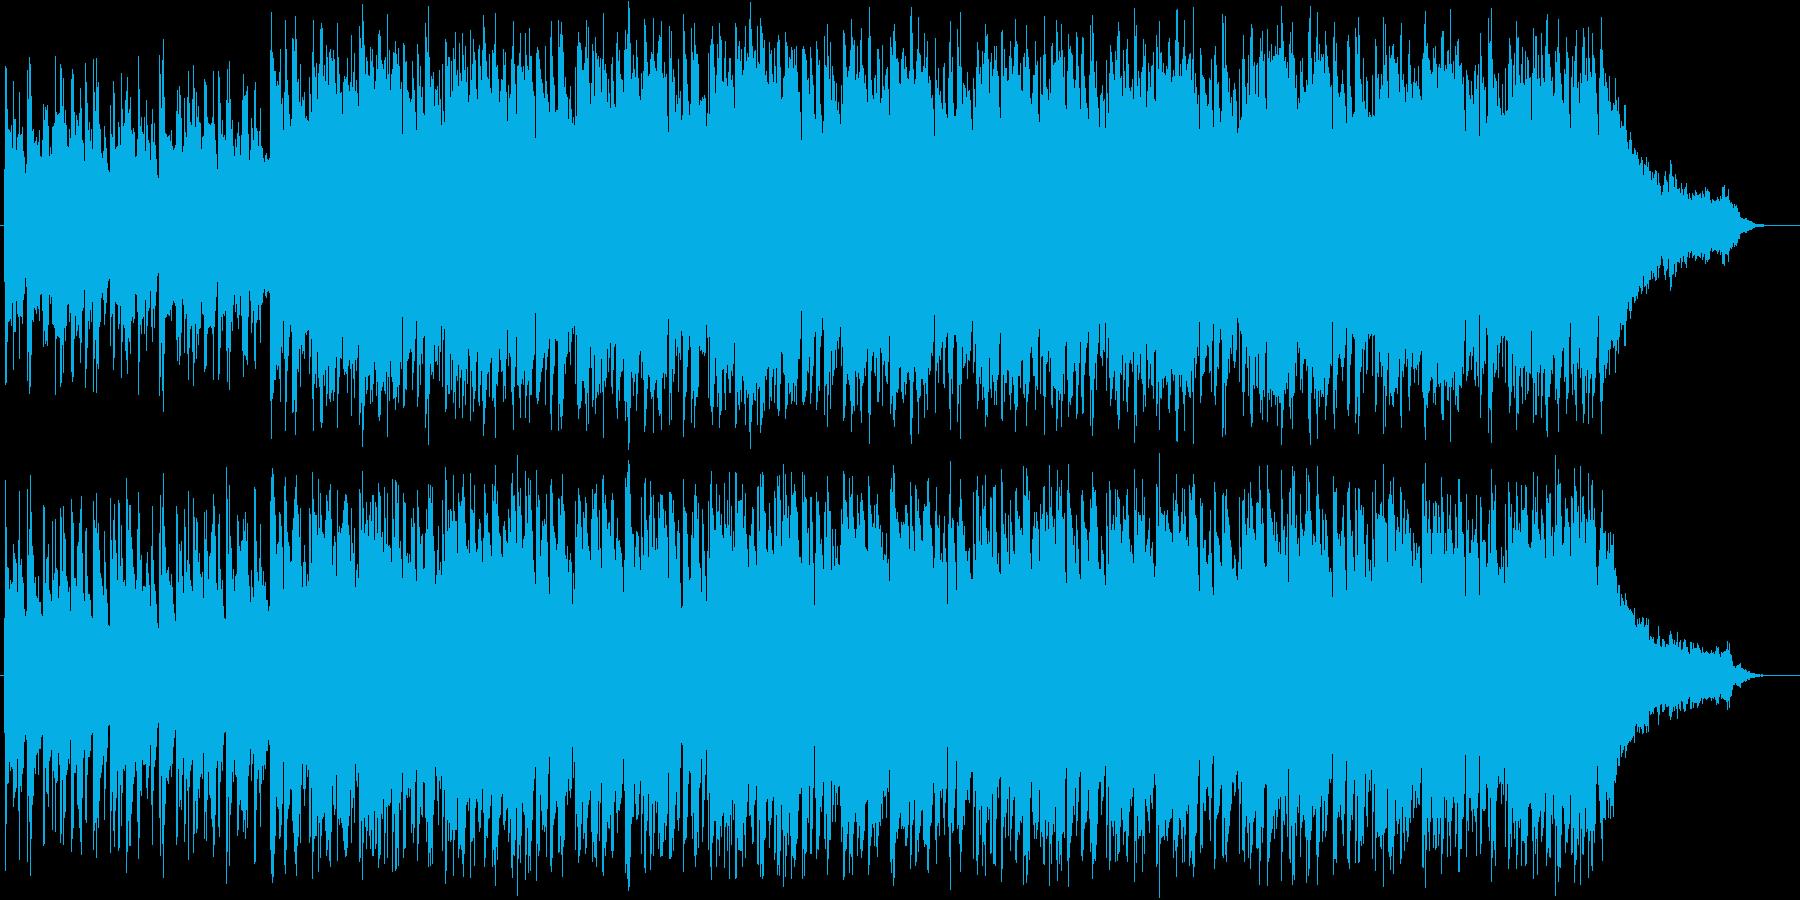 軽快、パワフルなアコースティックBGMの再生済みの波形